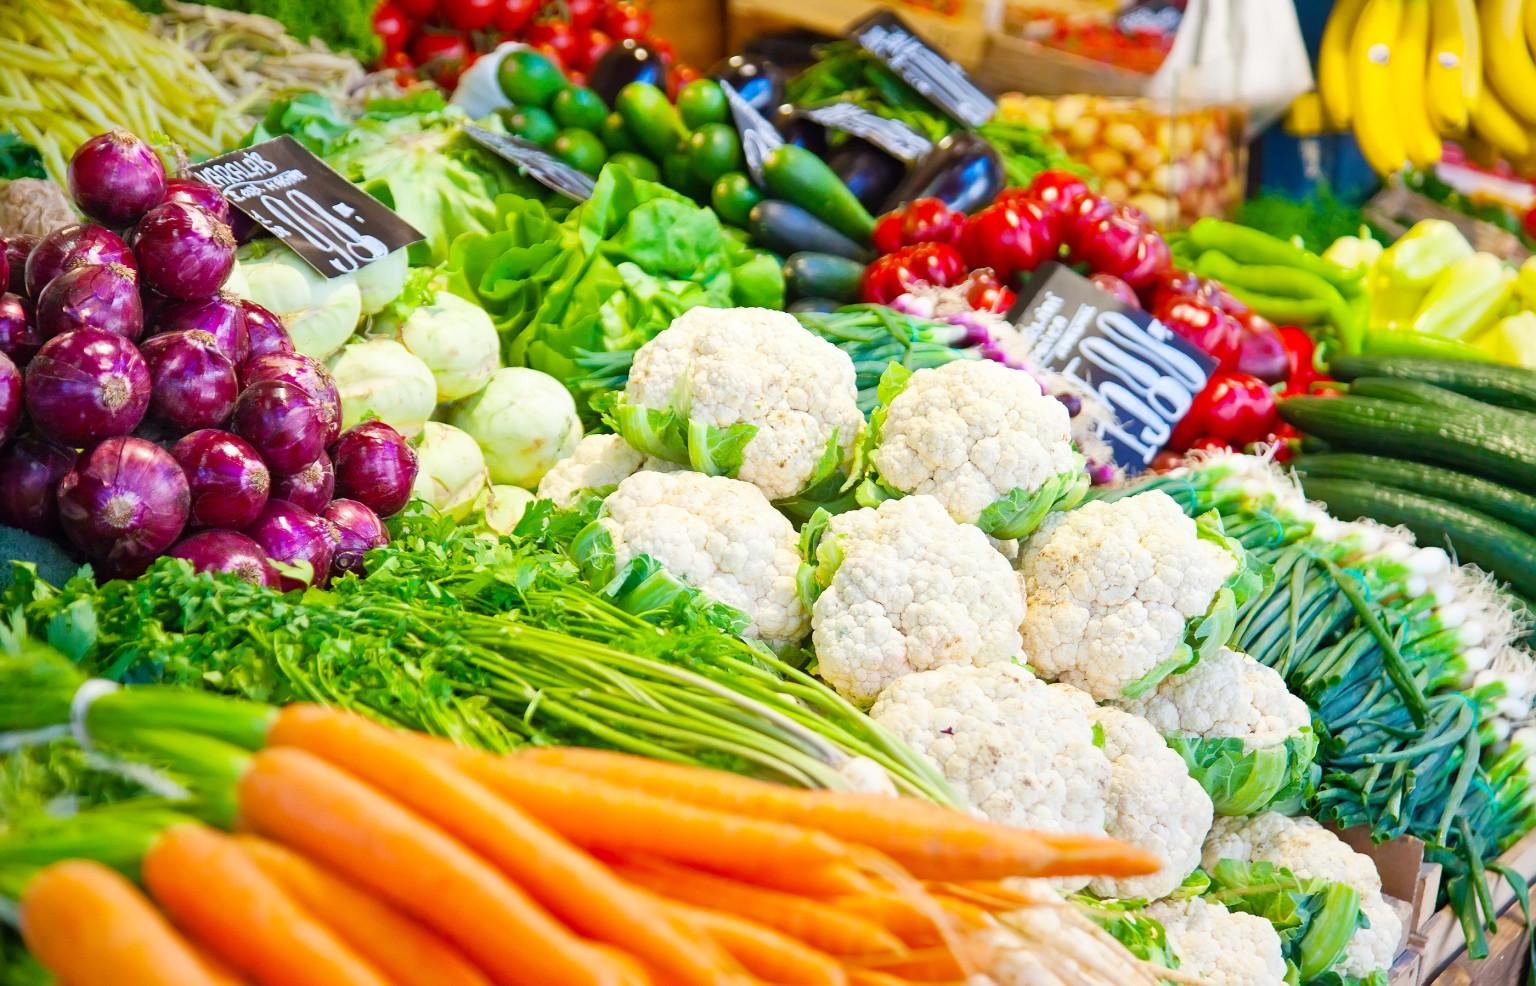 أيهما أفضل: الخضروات المجمدة أم الطازجة؟ - المشاهدات : 1.34K